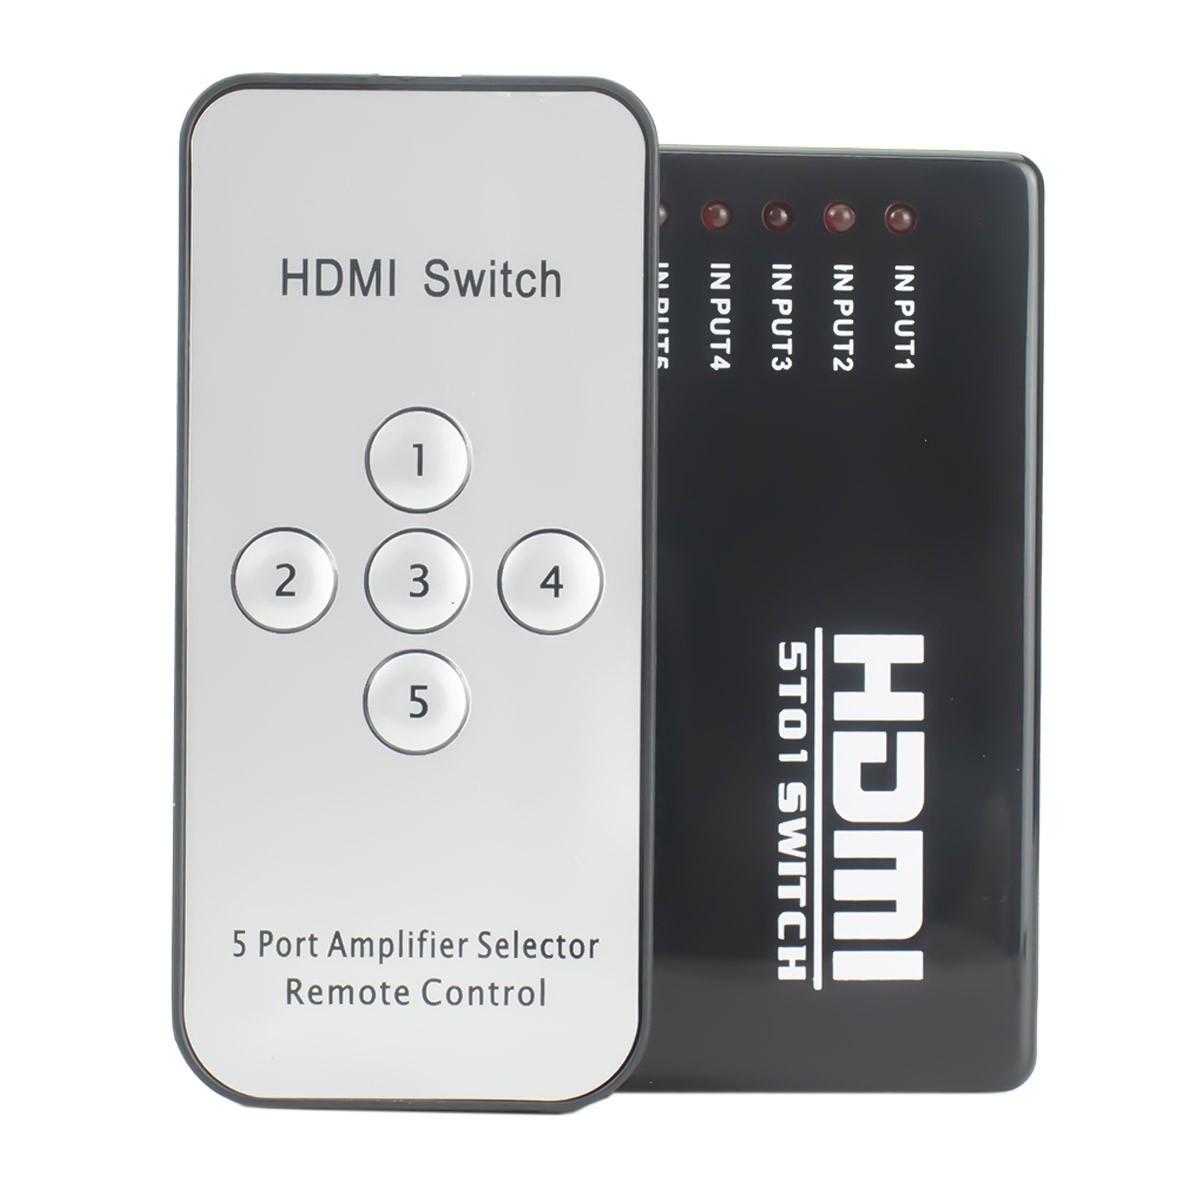 KIT Switch HDMI 5 Entradas x 1 Saida com Controle Remoto e Extensor + 6 Cabo hdmi de 1 Metro